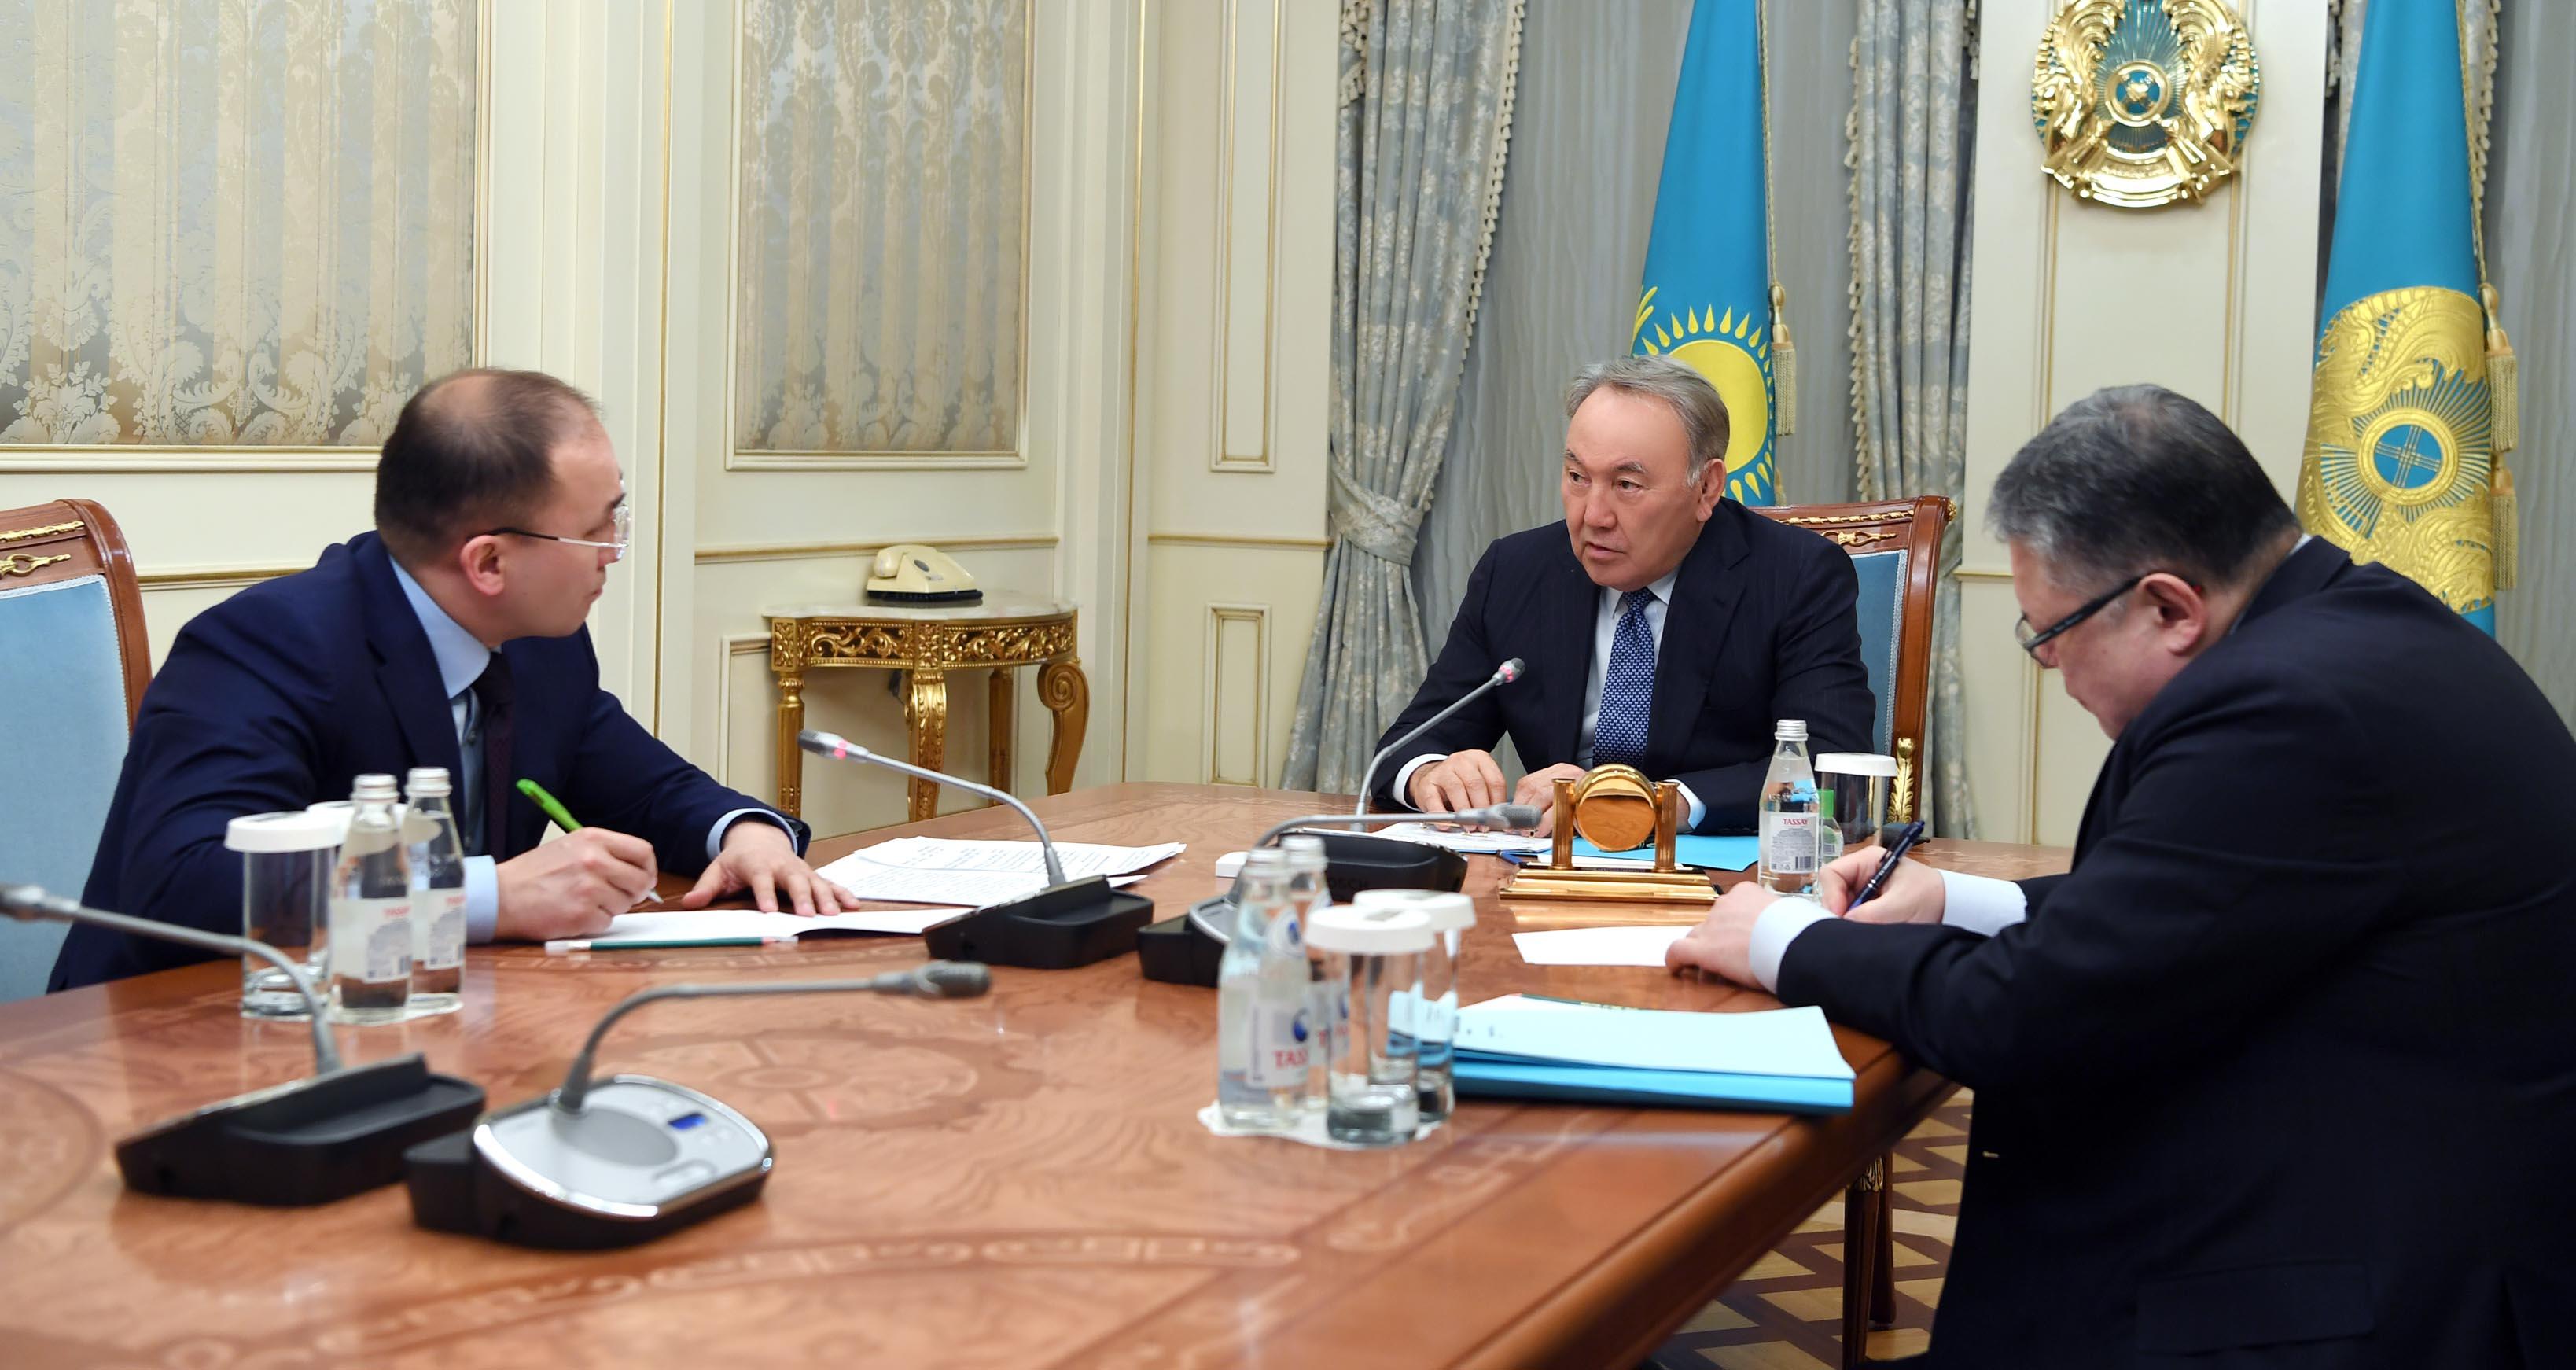 Нурсултан Назарбаев призвал все государственные органы к переходу на казахский язык. Фото: akorda.kz